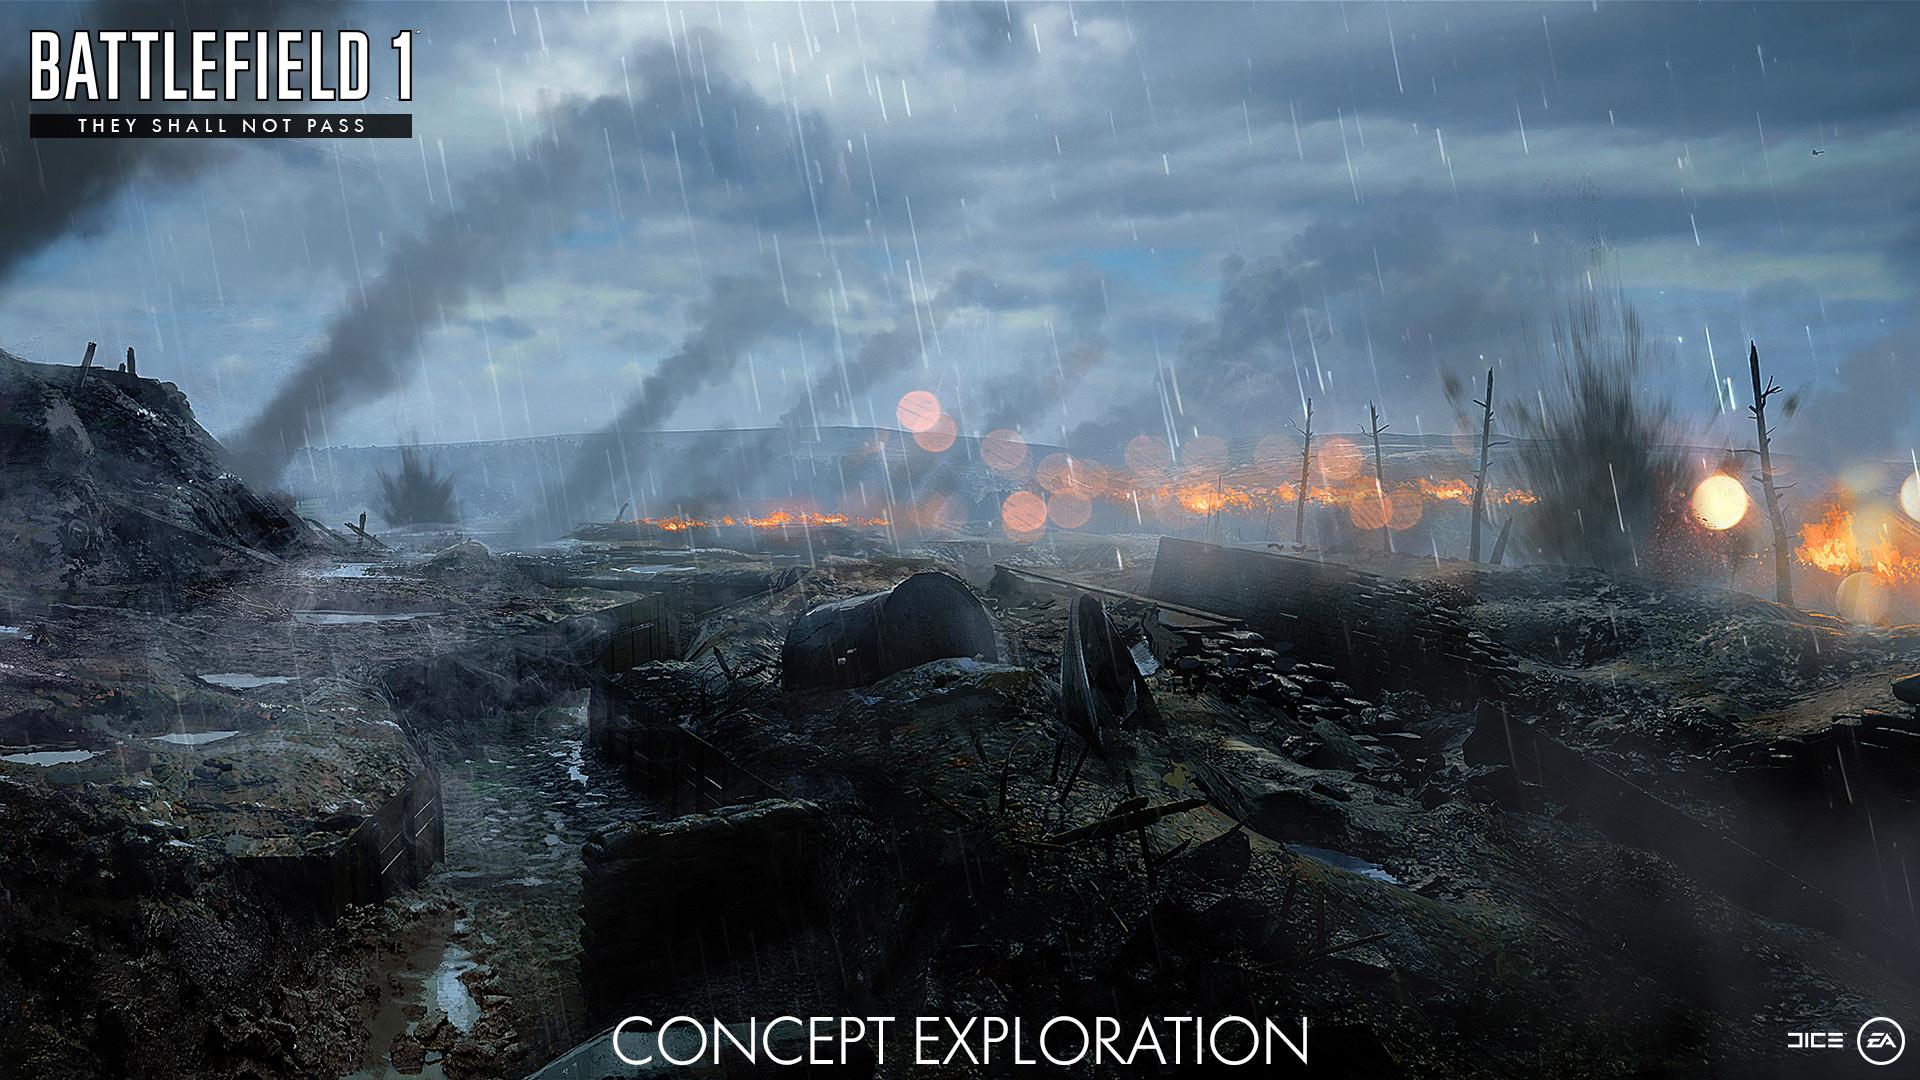 Battlefield 1 DLC: They Shall Not PassBattlefield 1 DLC: They Shall Not Pass